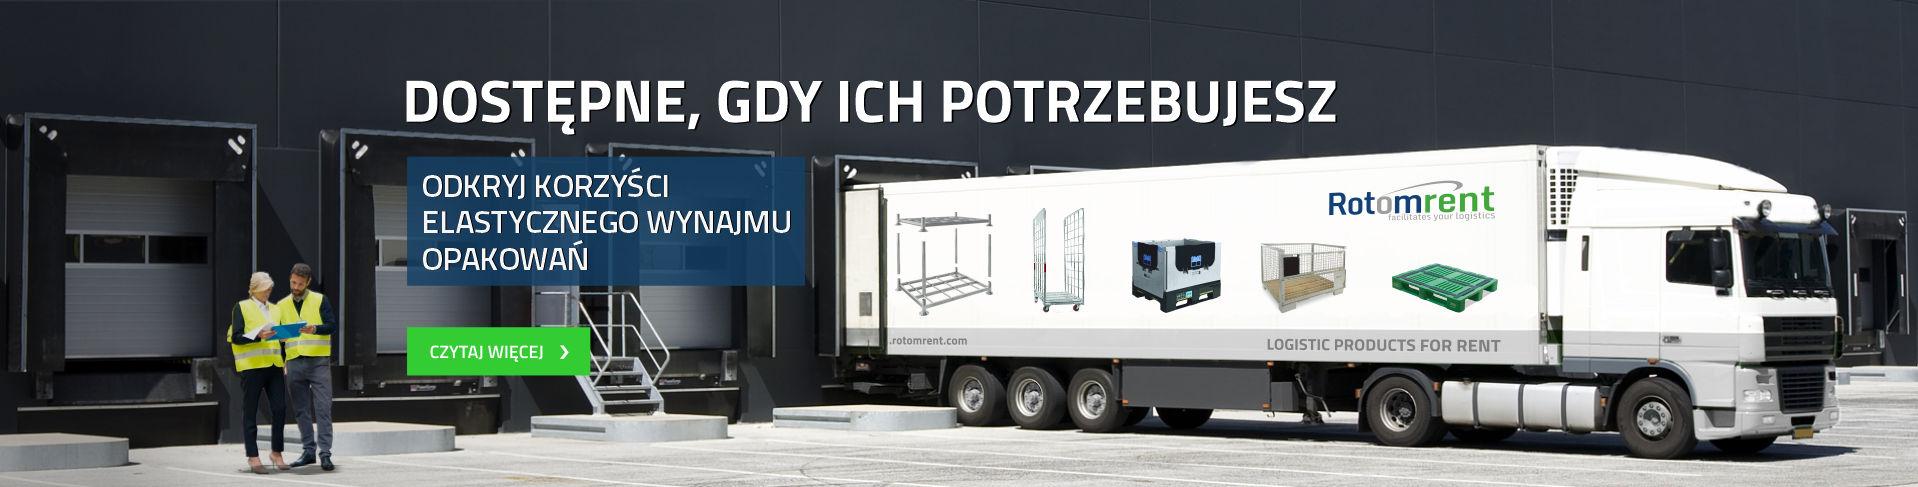 Wynajem opakowań logistycznych w całej Europie